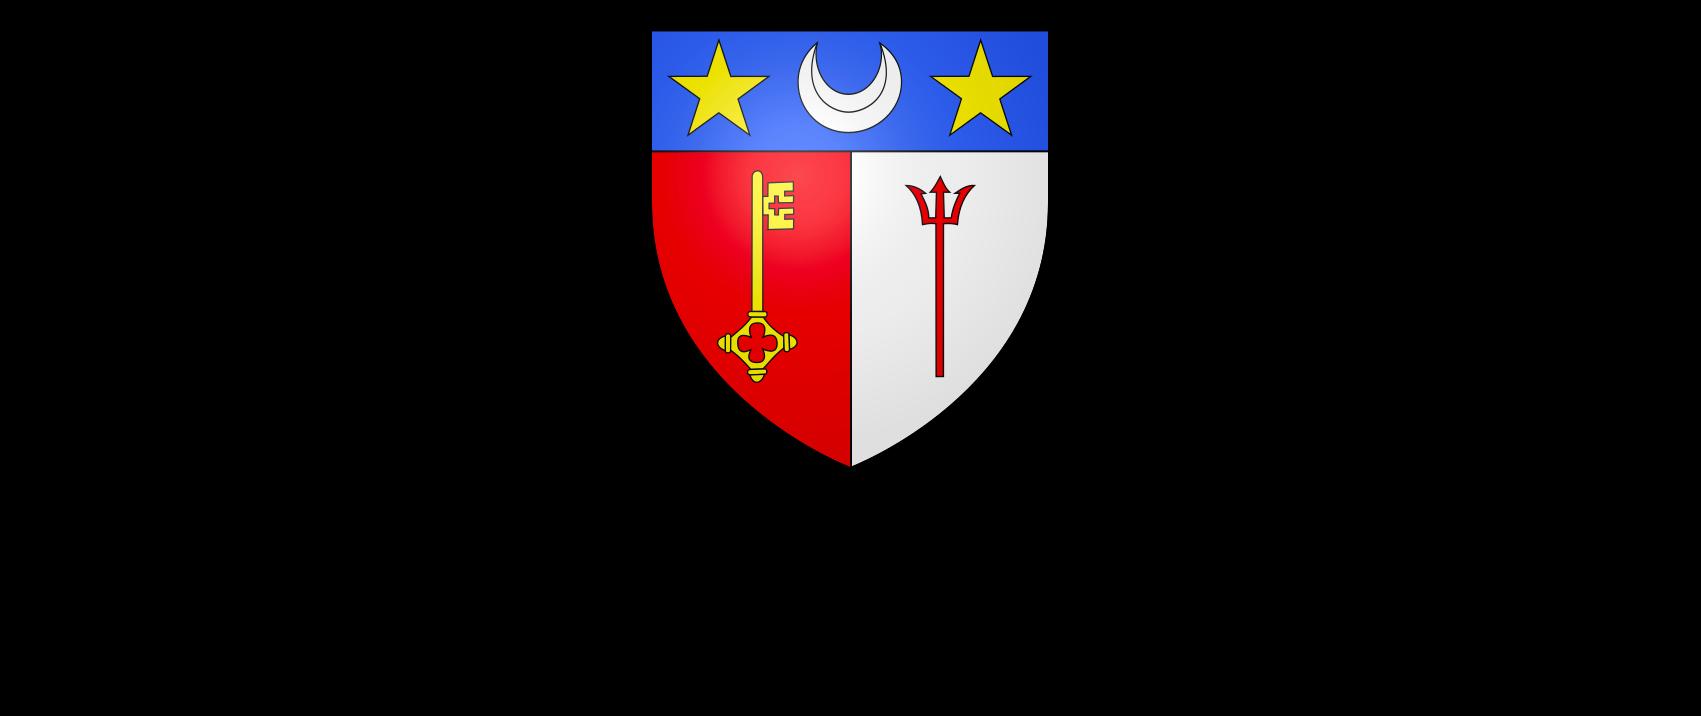 Commune de Landogne – Puy-de-Dôme